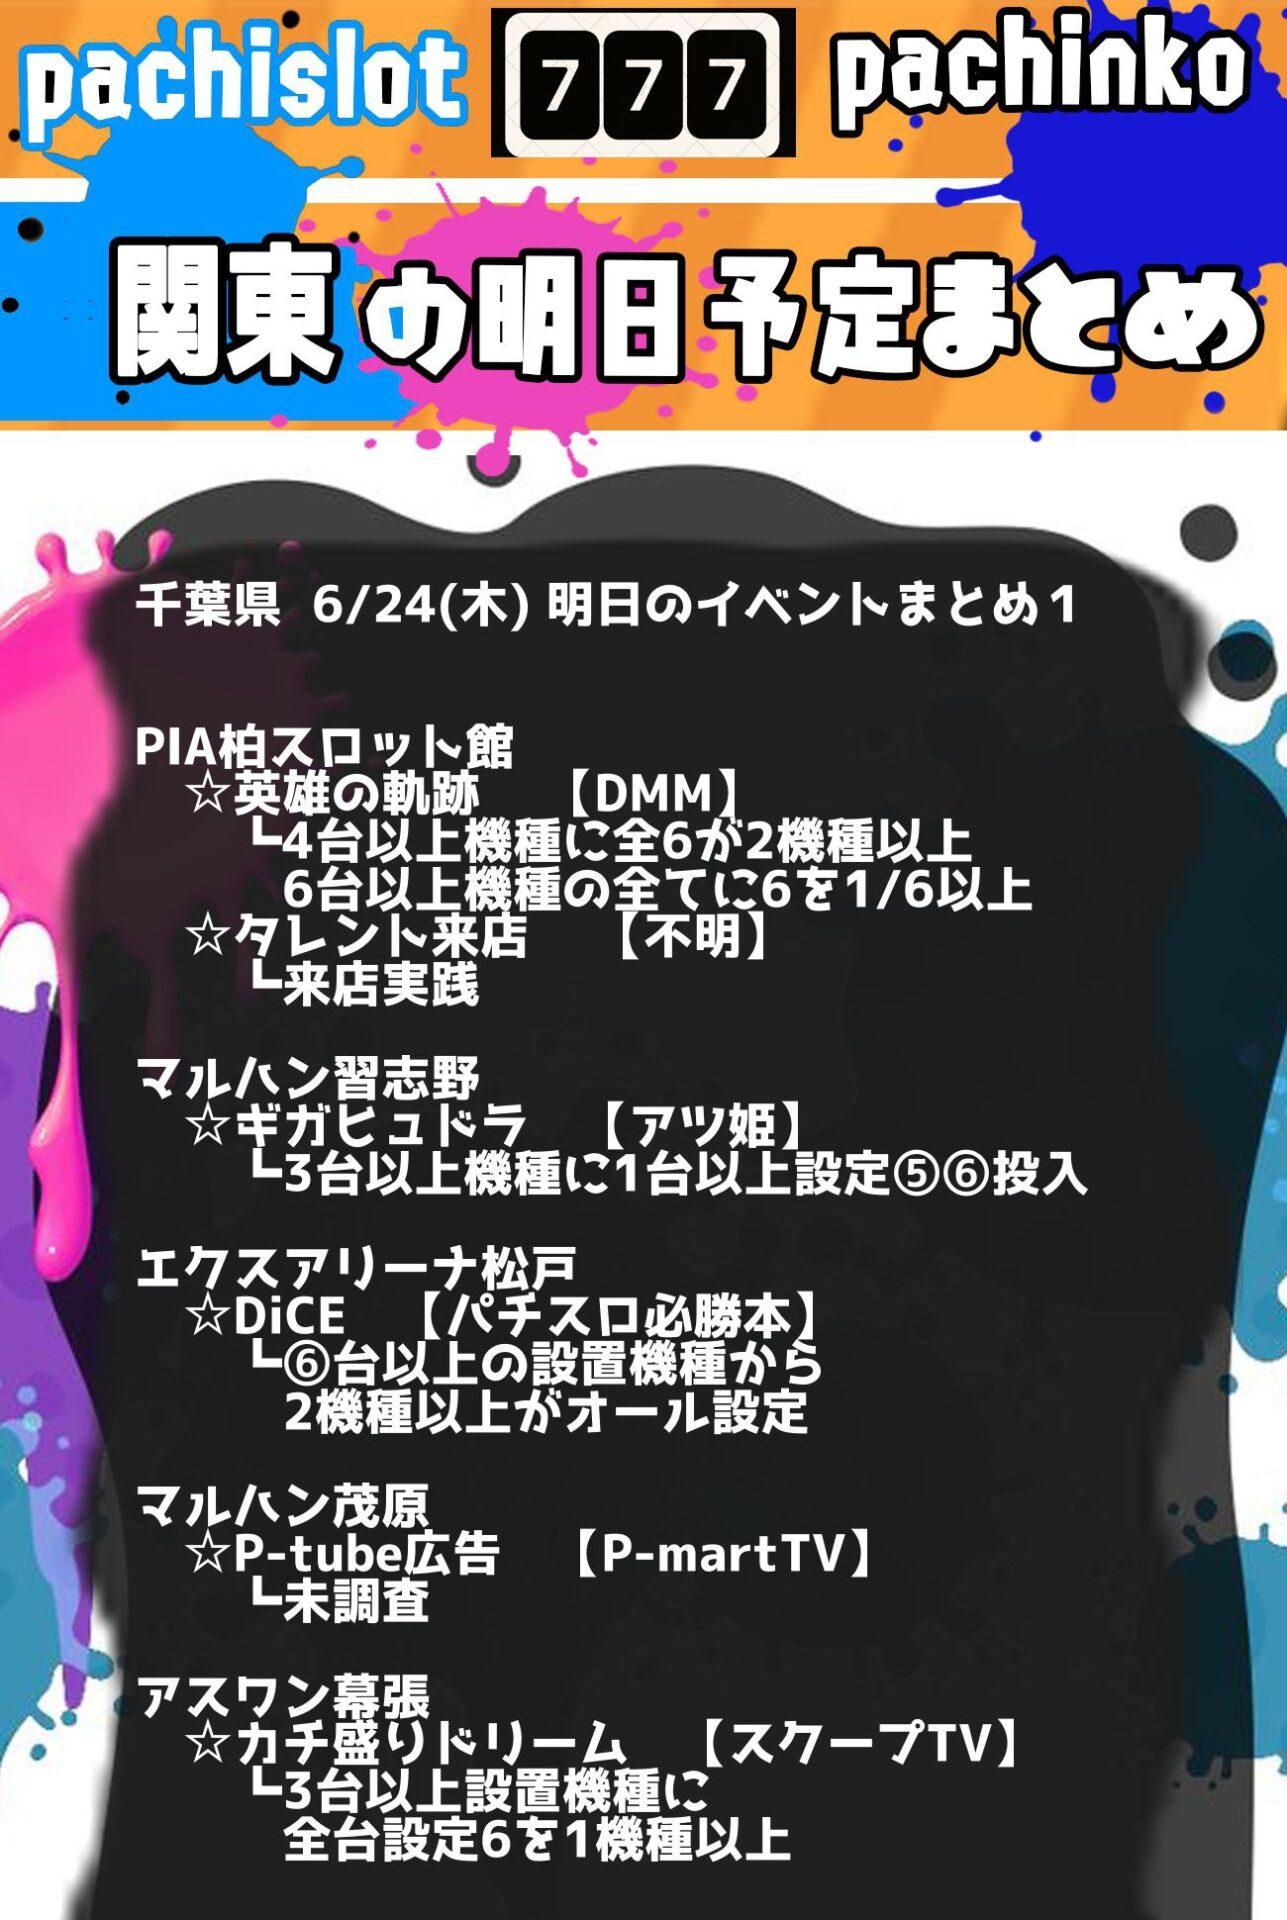 千葉県_2021-06-24_パチンコ・パチスロ_イベント